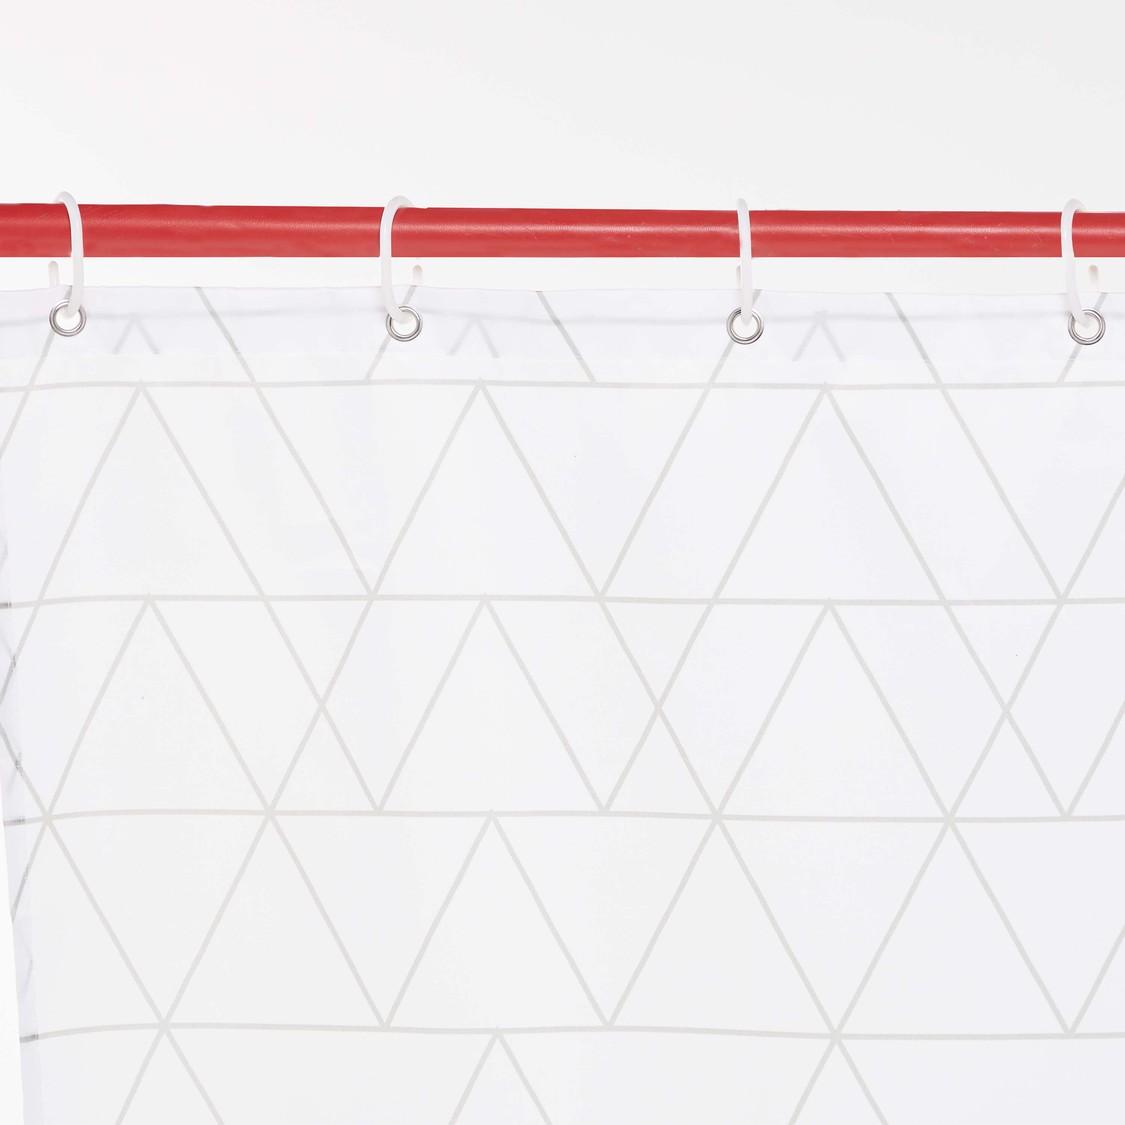 ستارة حمام بطبعات هندسية - 180x180 سم